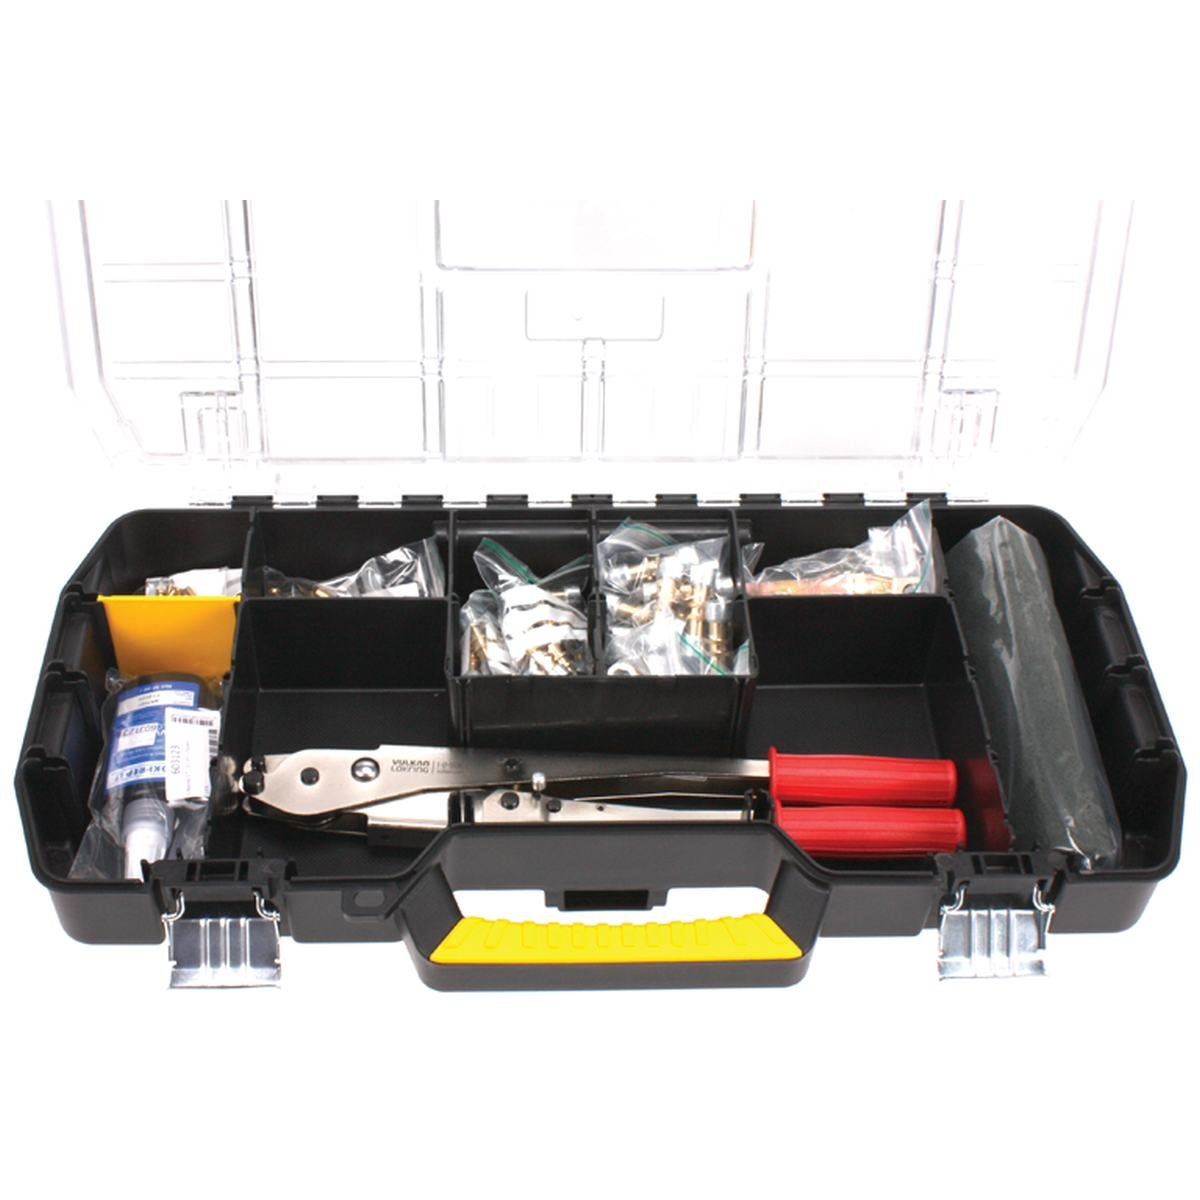 Lokring grundsortiment inkl værktøj t. varmepumper